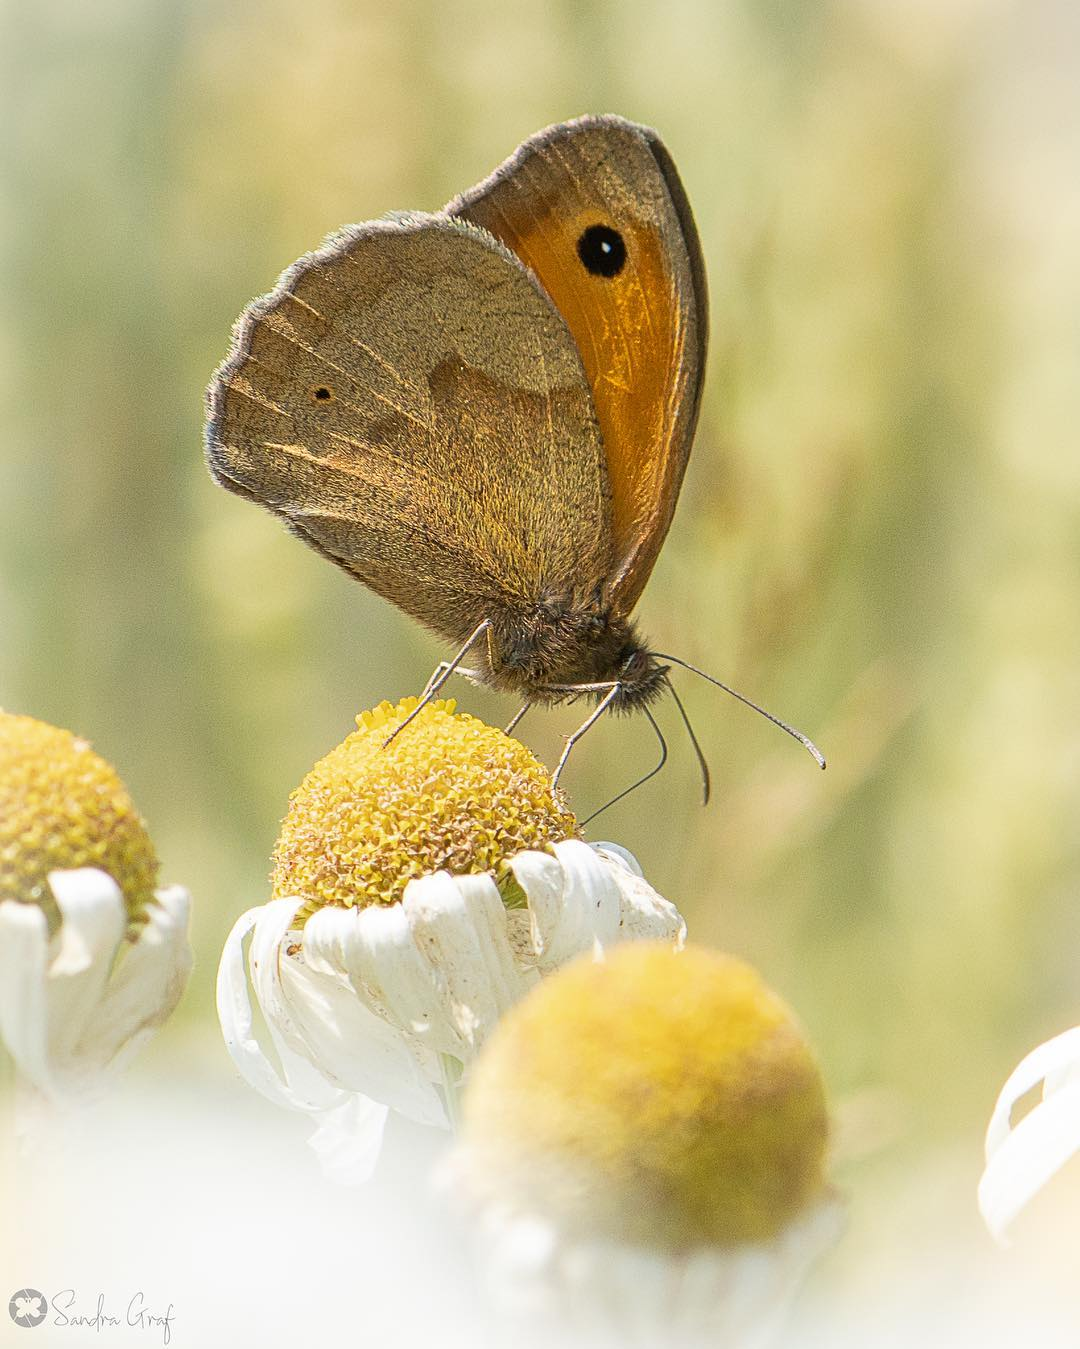 Удивительные фотографии бабочек и цветов от Сандры Граф